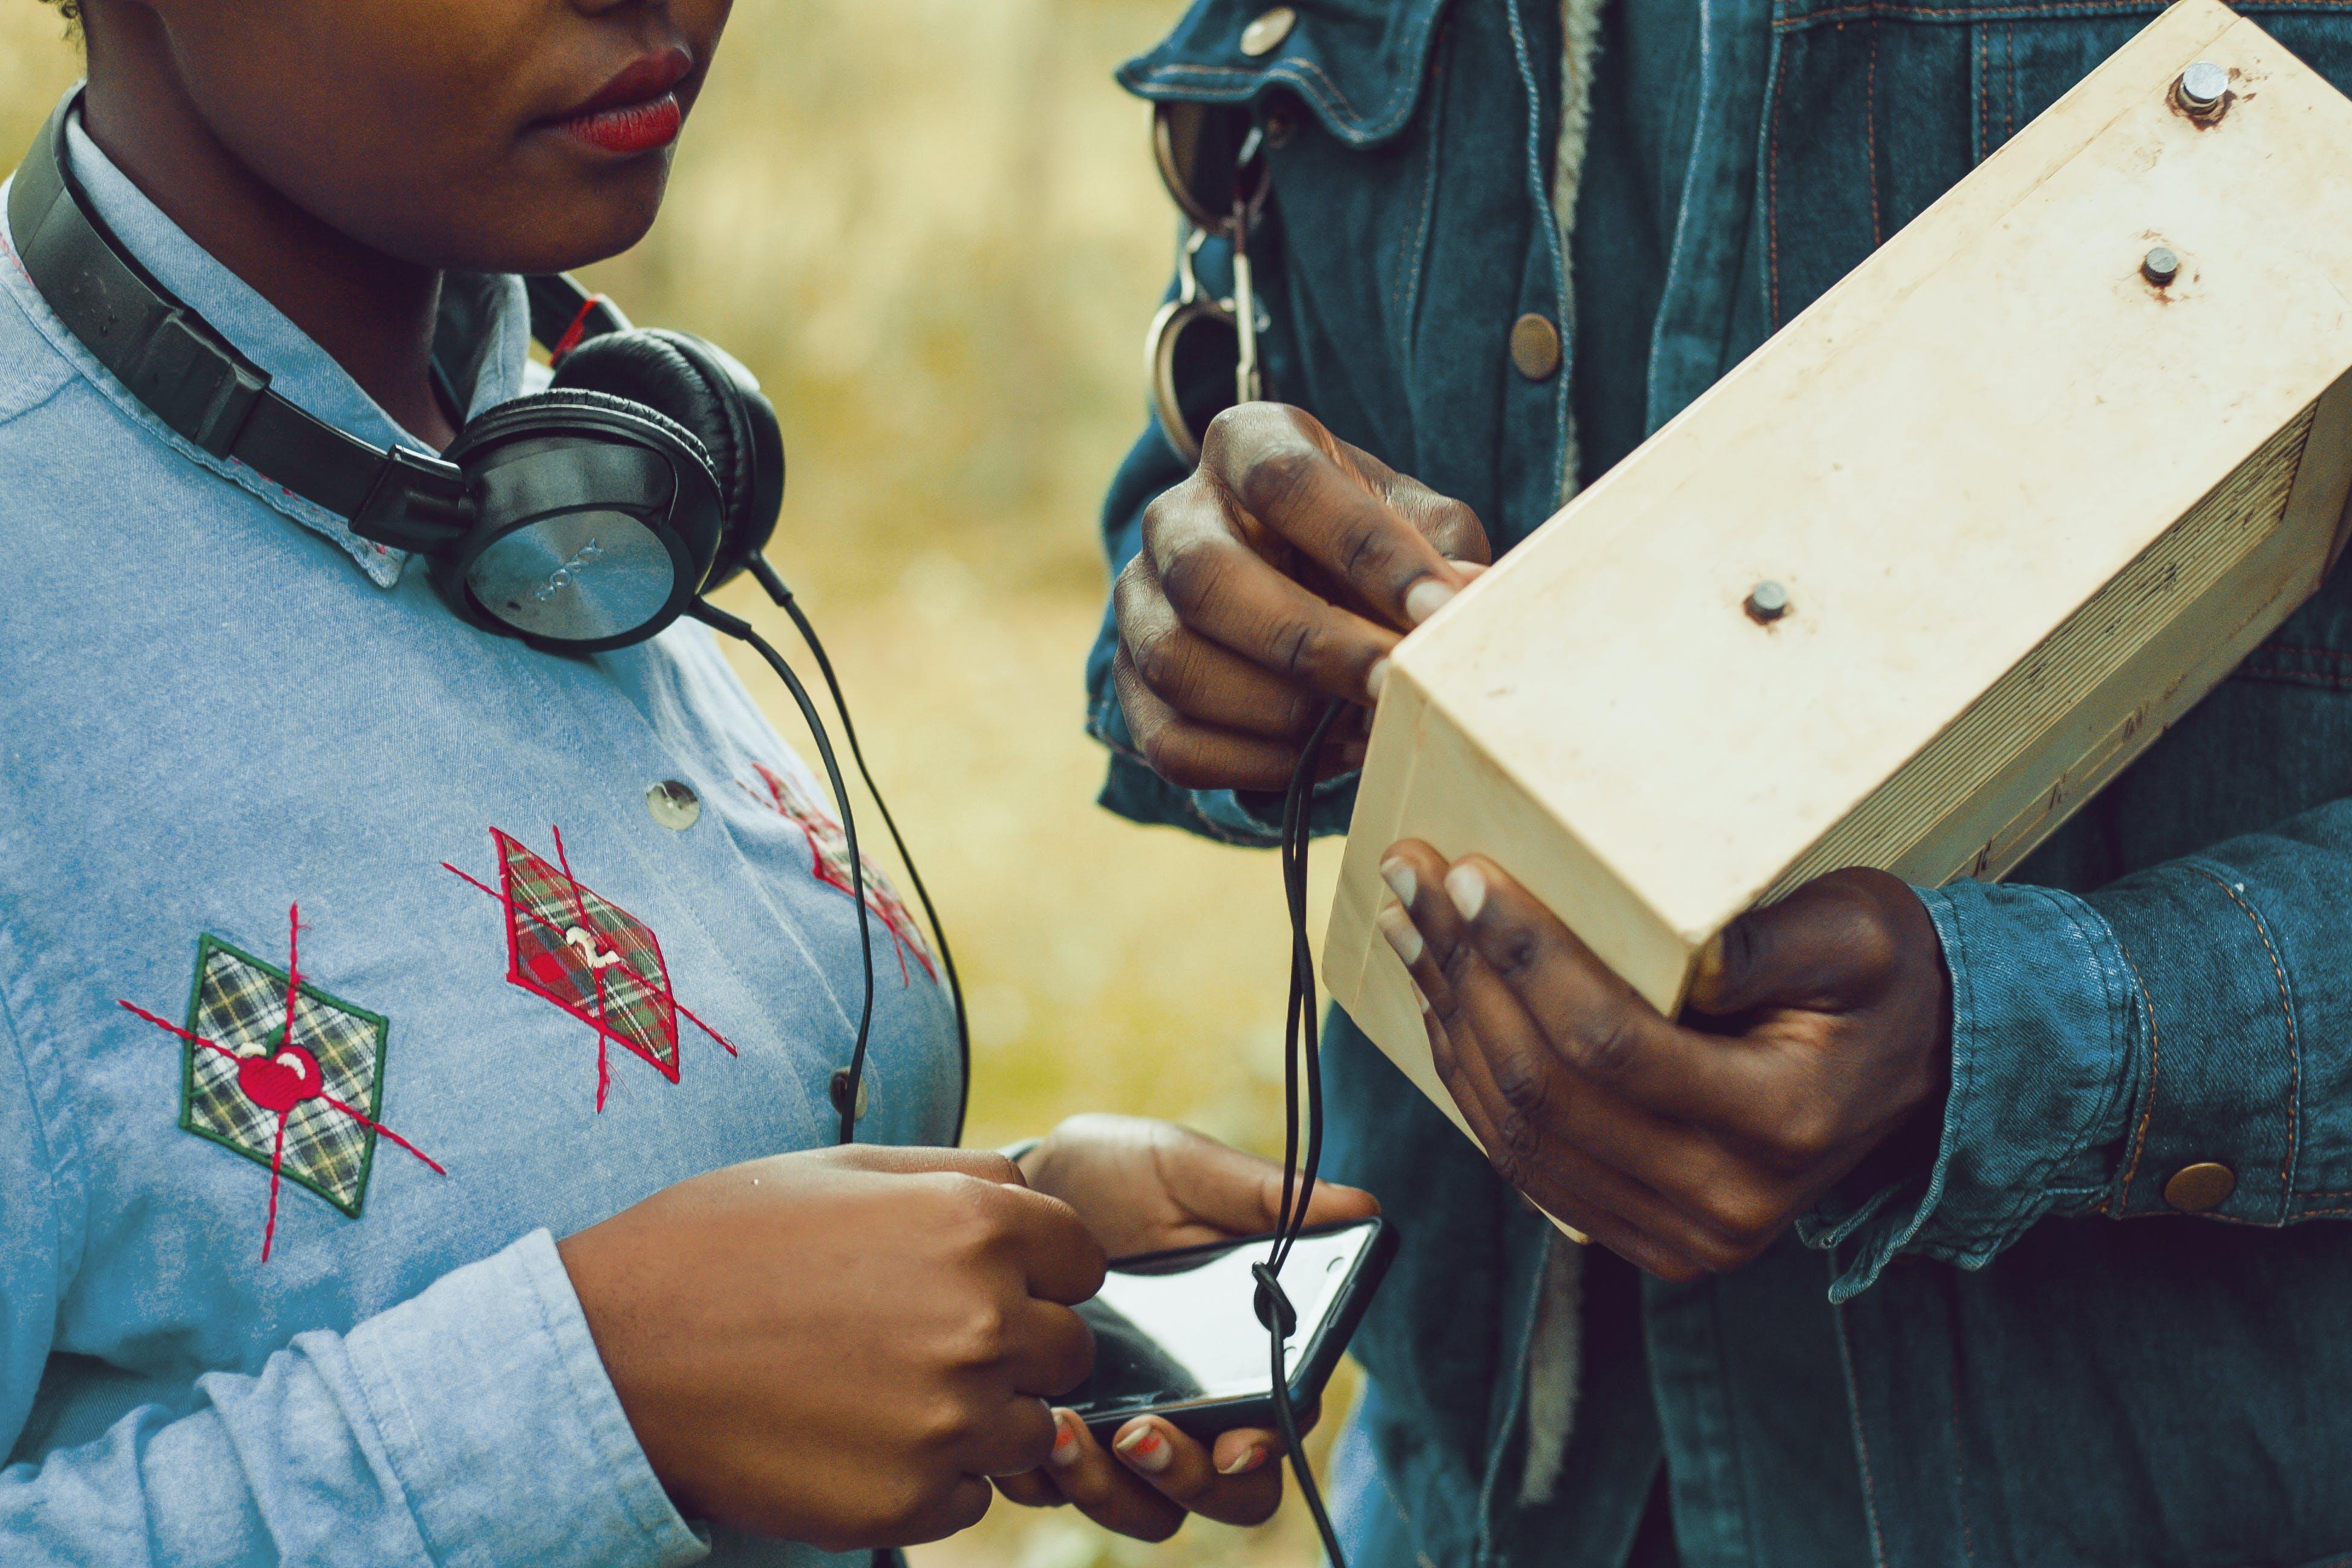 Kostnadsfri bild av ha på sig, hörlurar, kvinna, människor